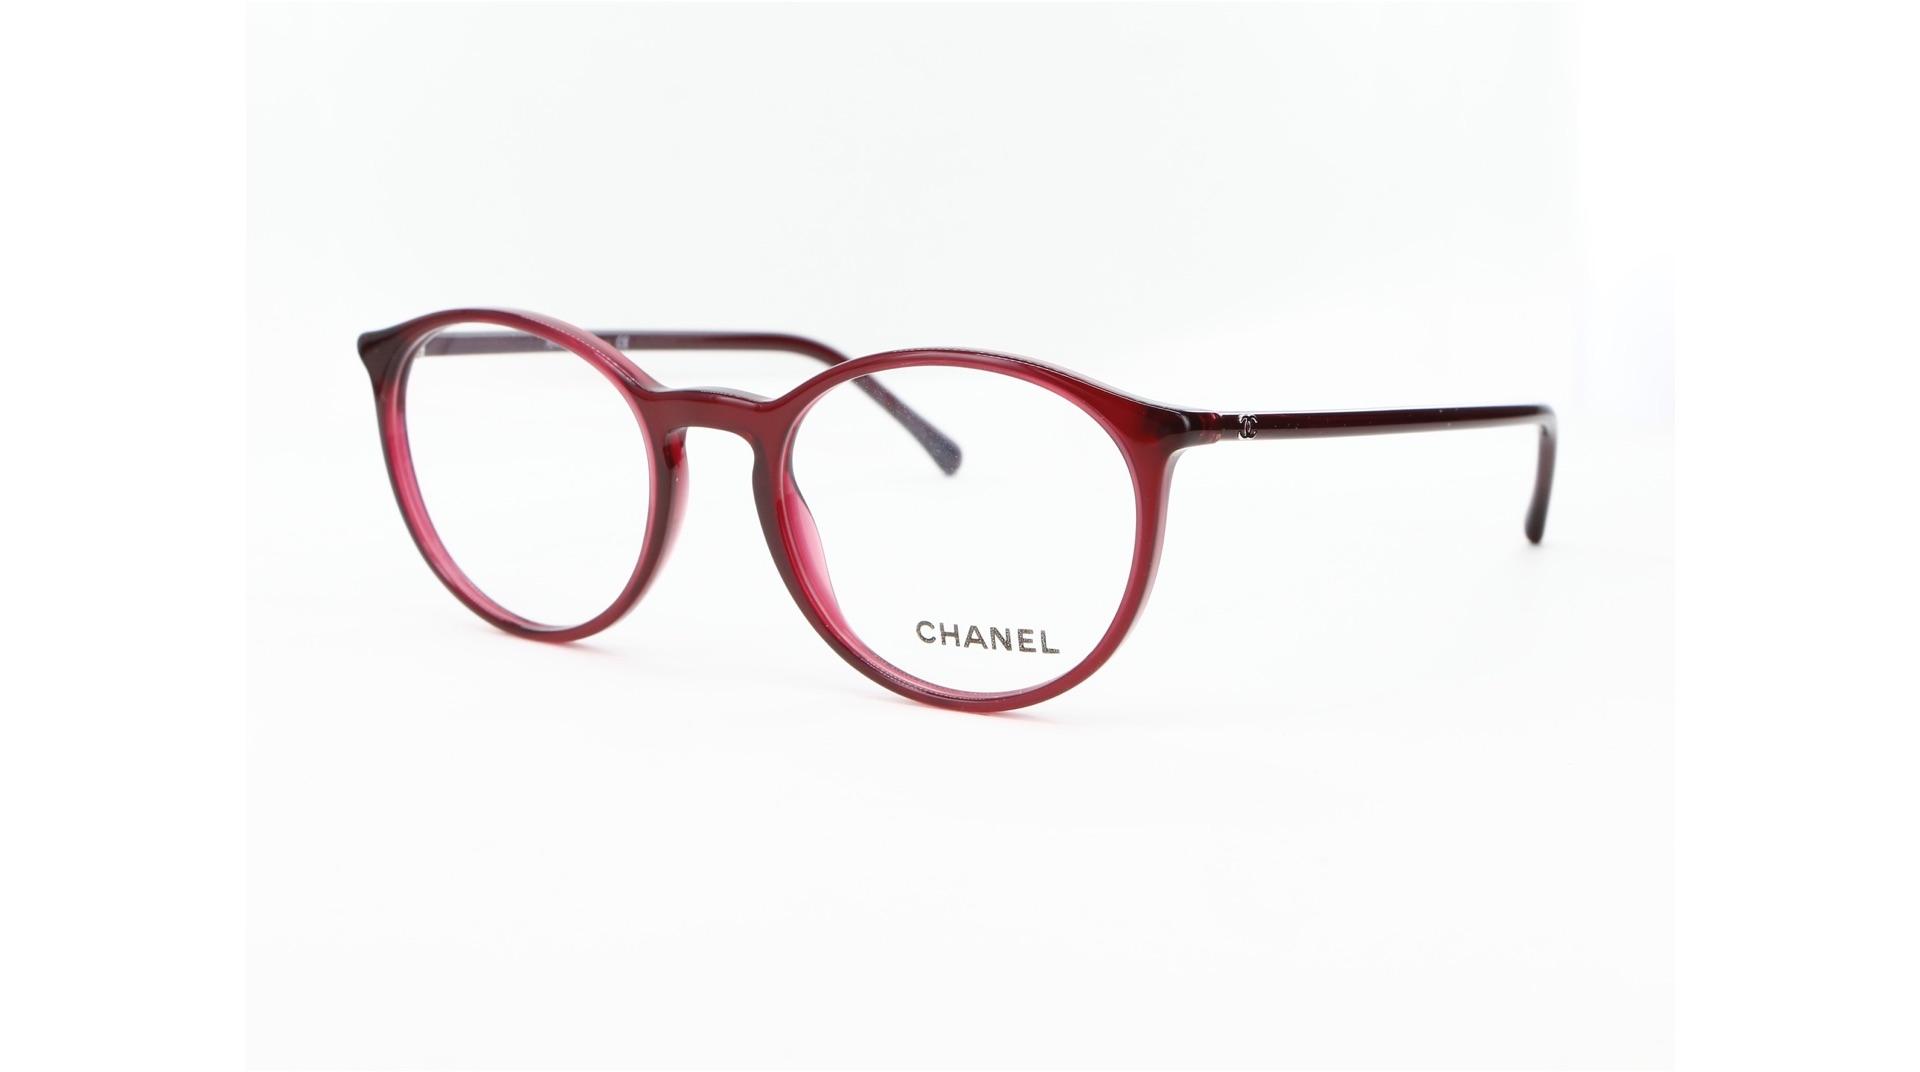 Chanel - ref: 80714